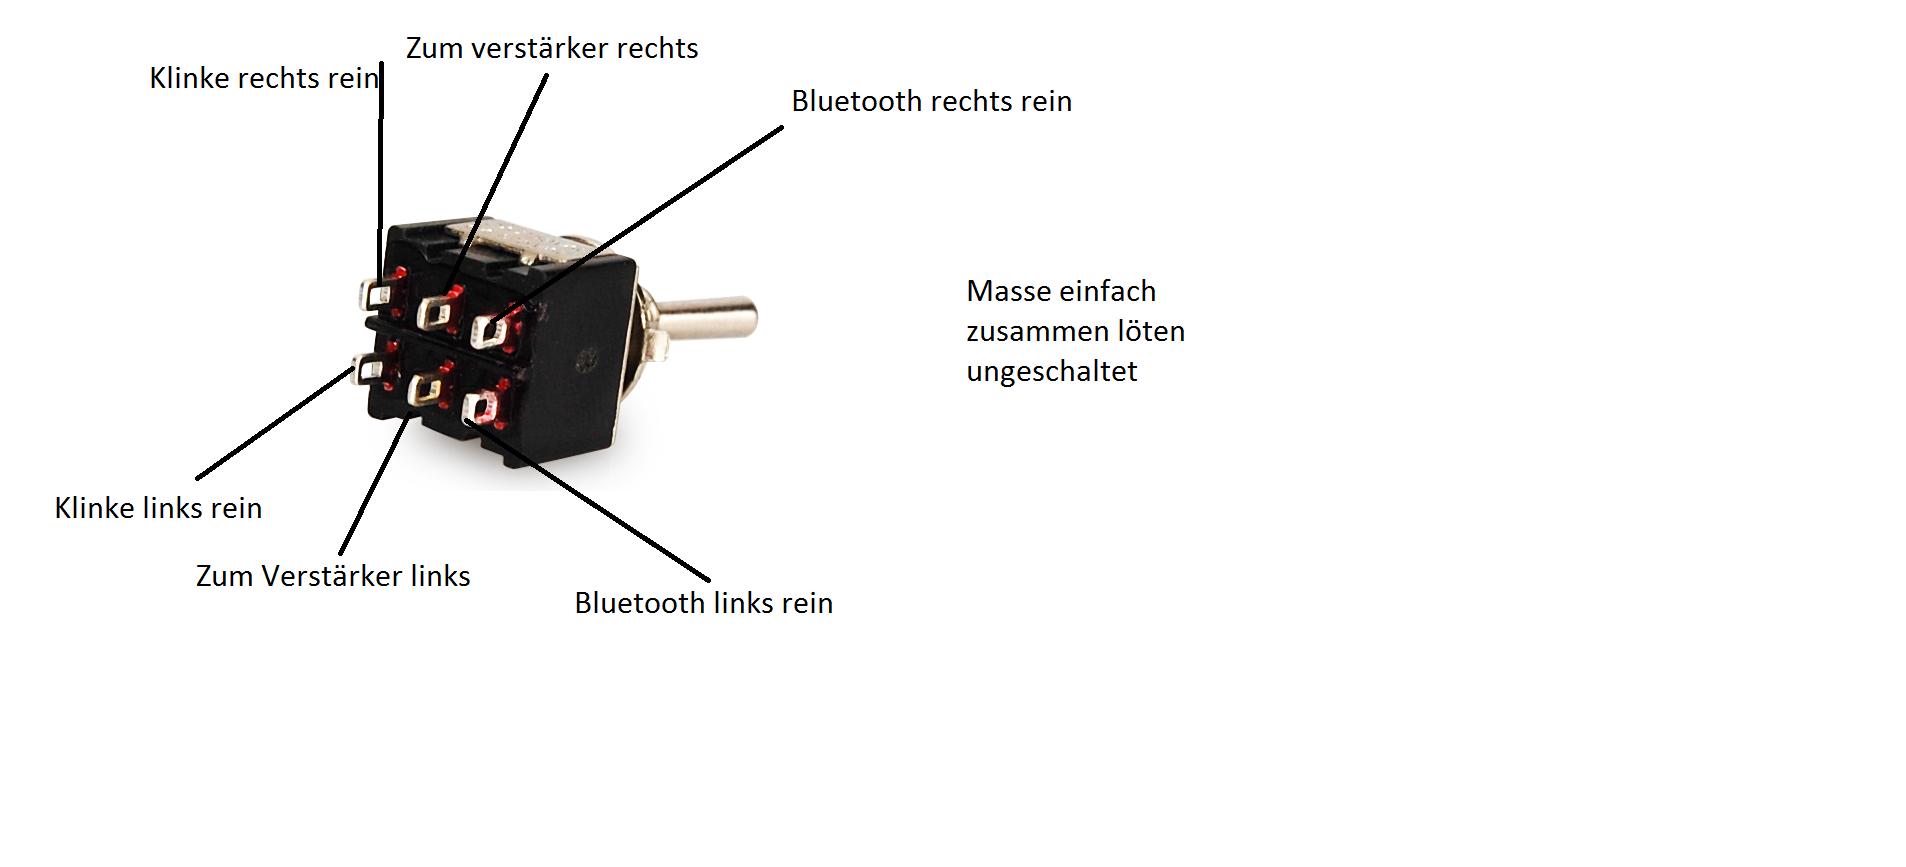 Ausgezeichnet 2 Poliger Kippschalter Schaltplan Ideen - Elektrische ...